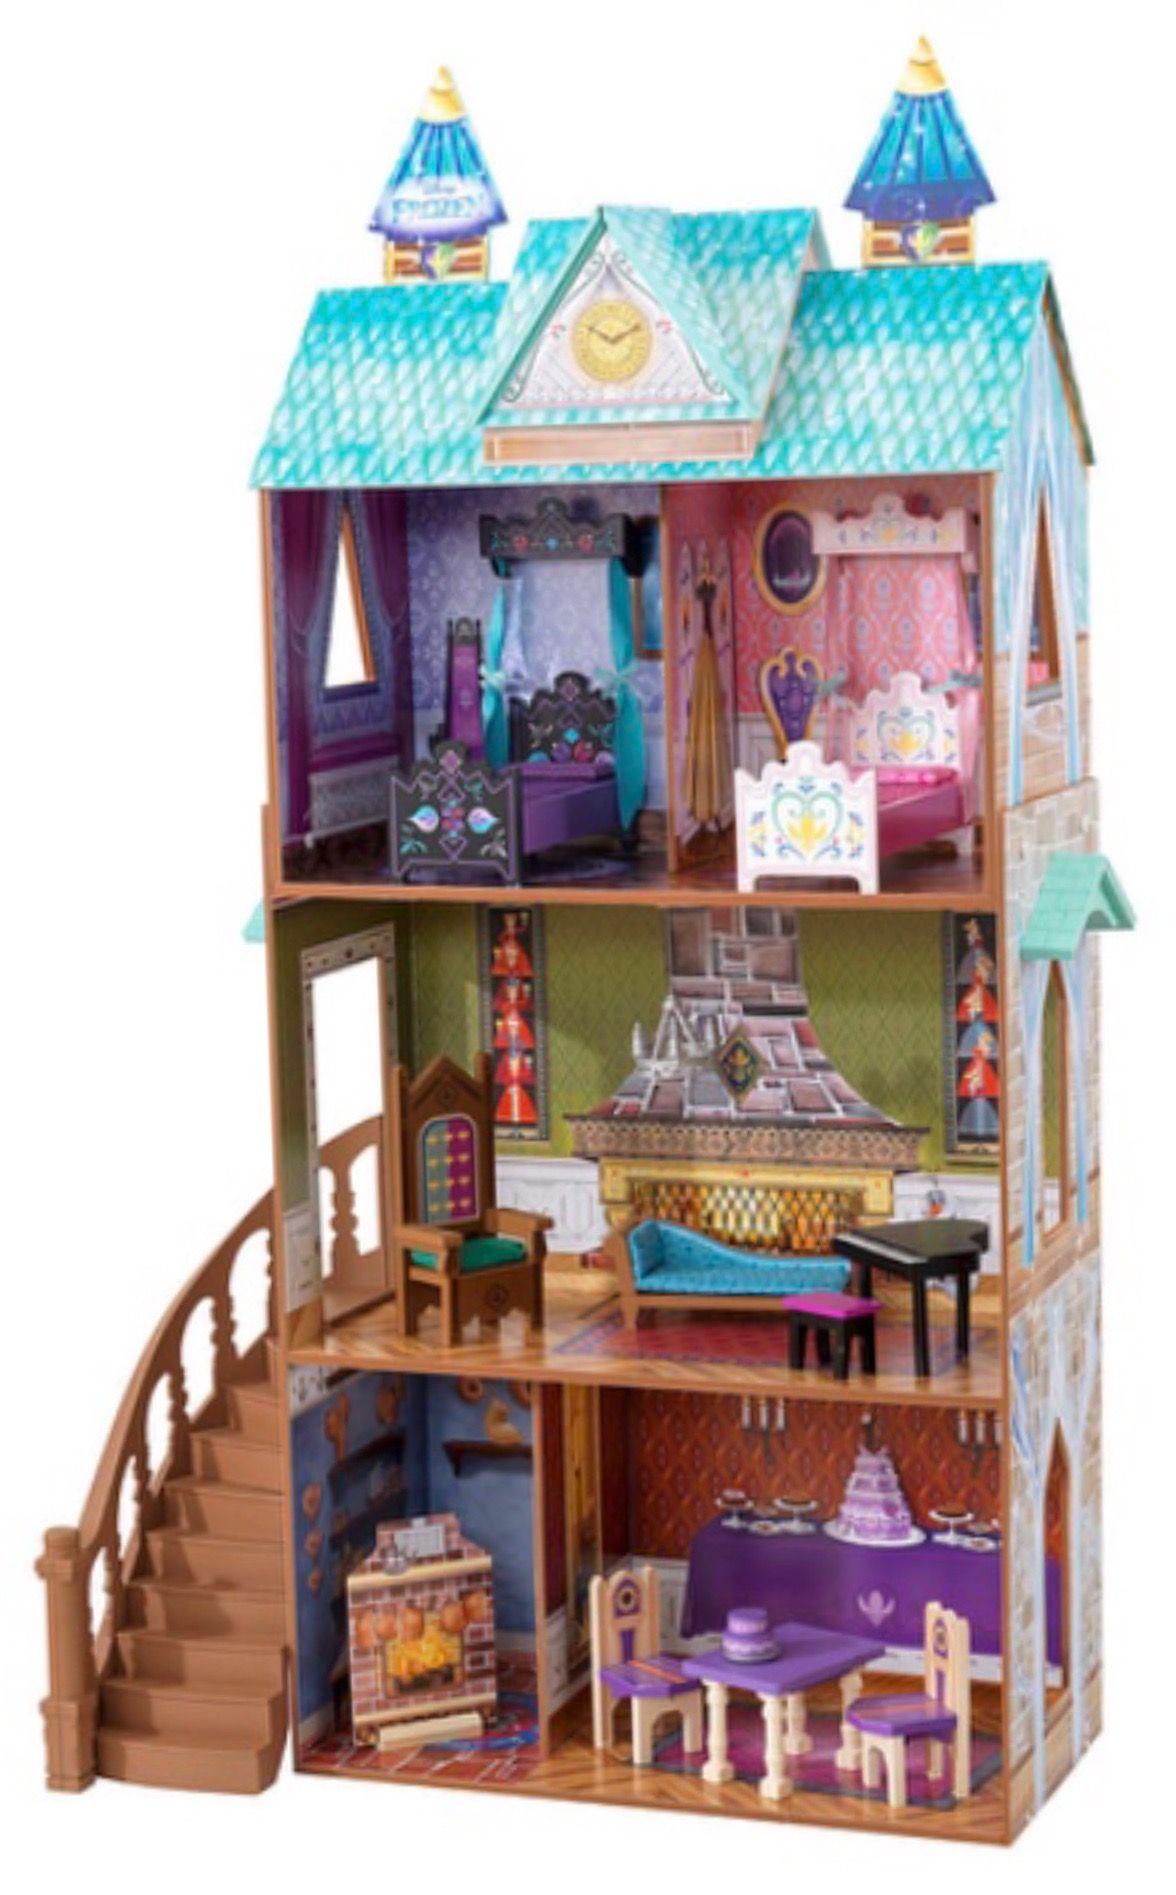 mmdisney200 Doll house, Arendelle frozen, Disney dollhouse